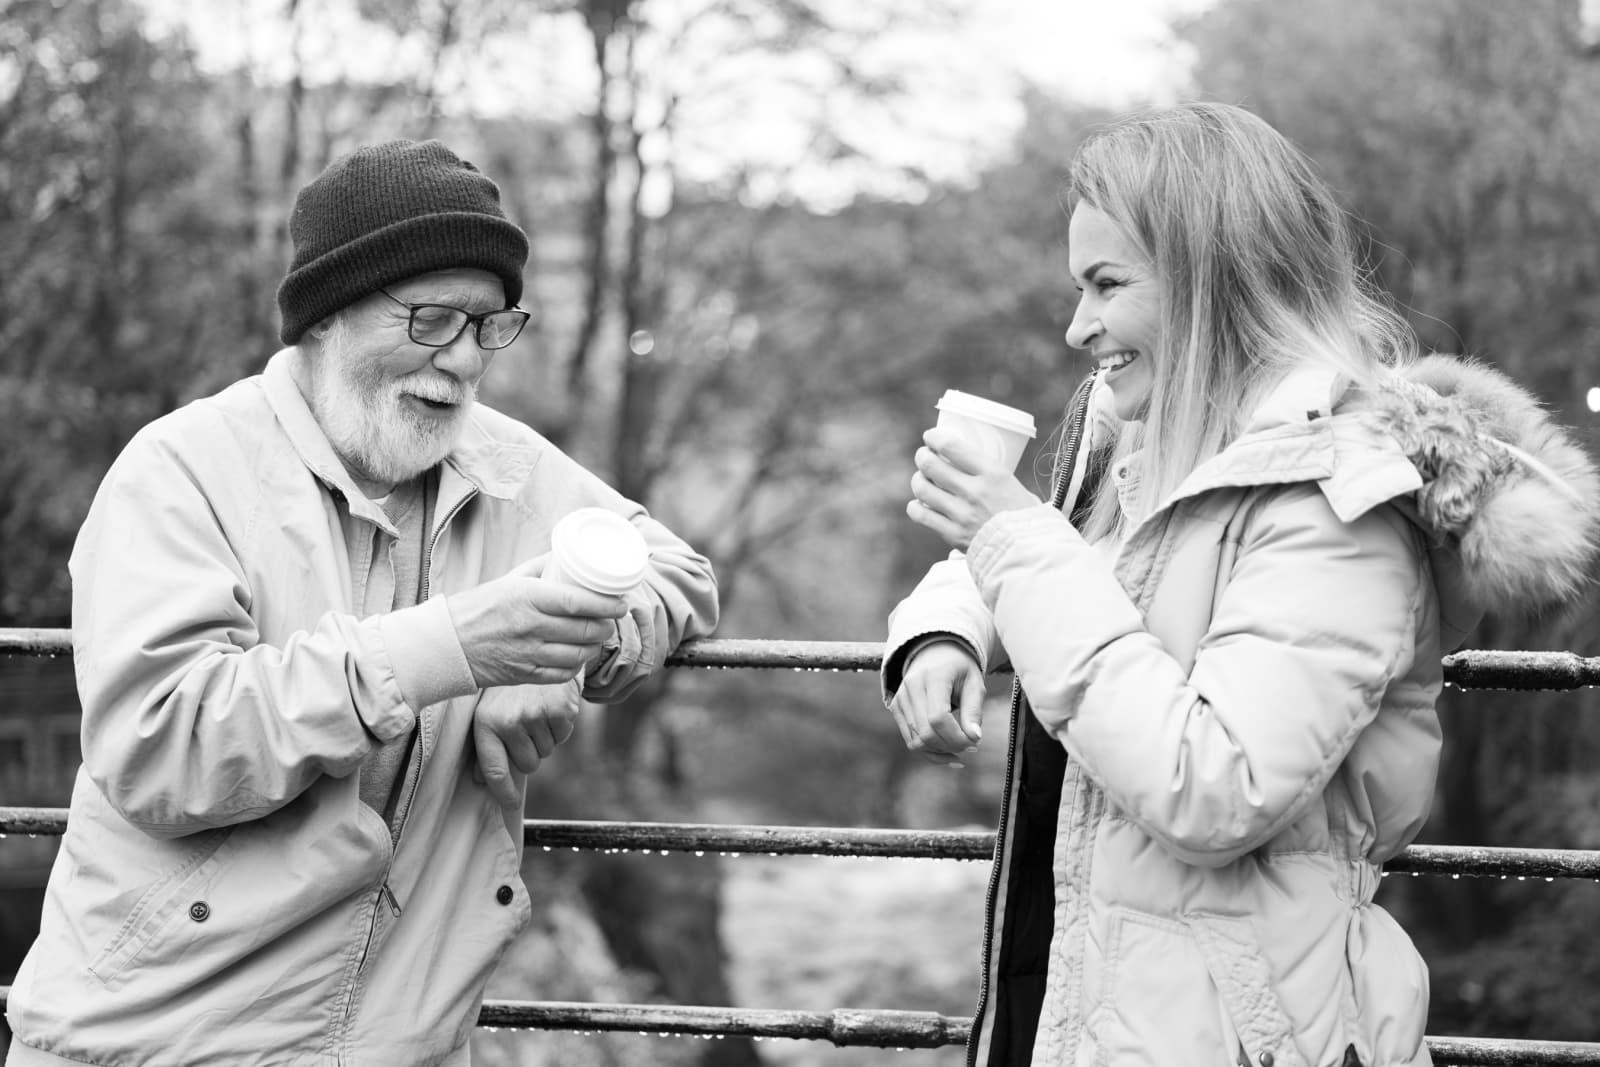 Trenger du en kaffeprat? I Goodify-appen kan du spørre om noen har tid til en prat, eller tilby noen som føler seg litt ensomme å dele en kaffe.